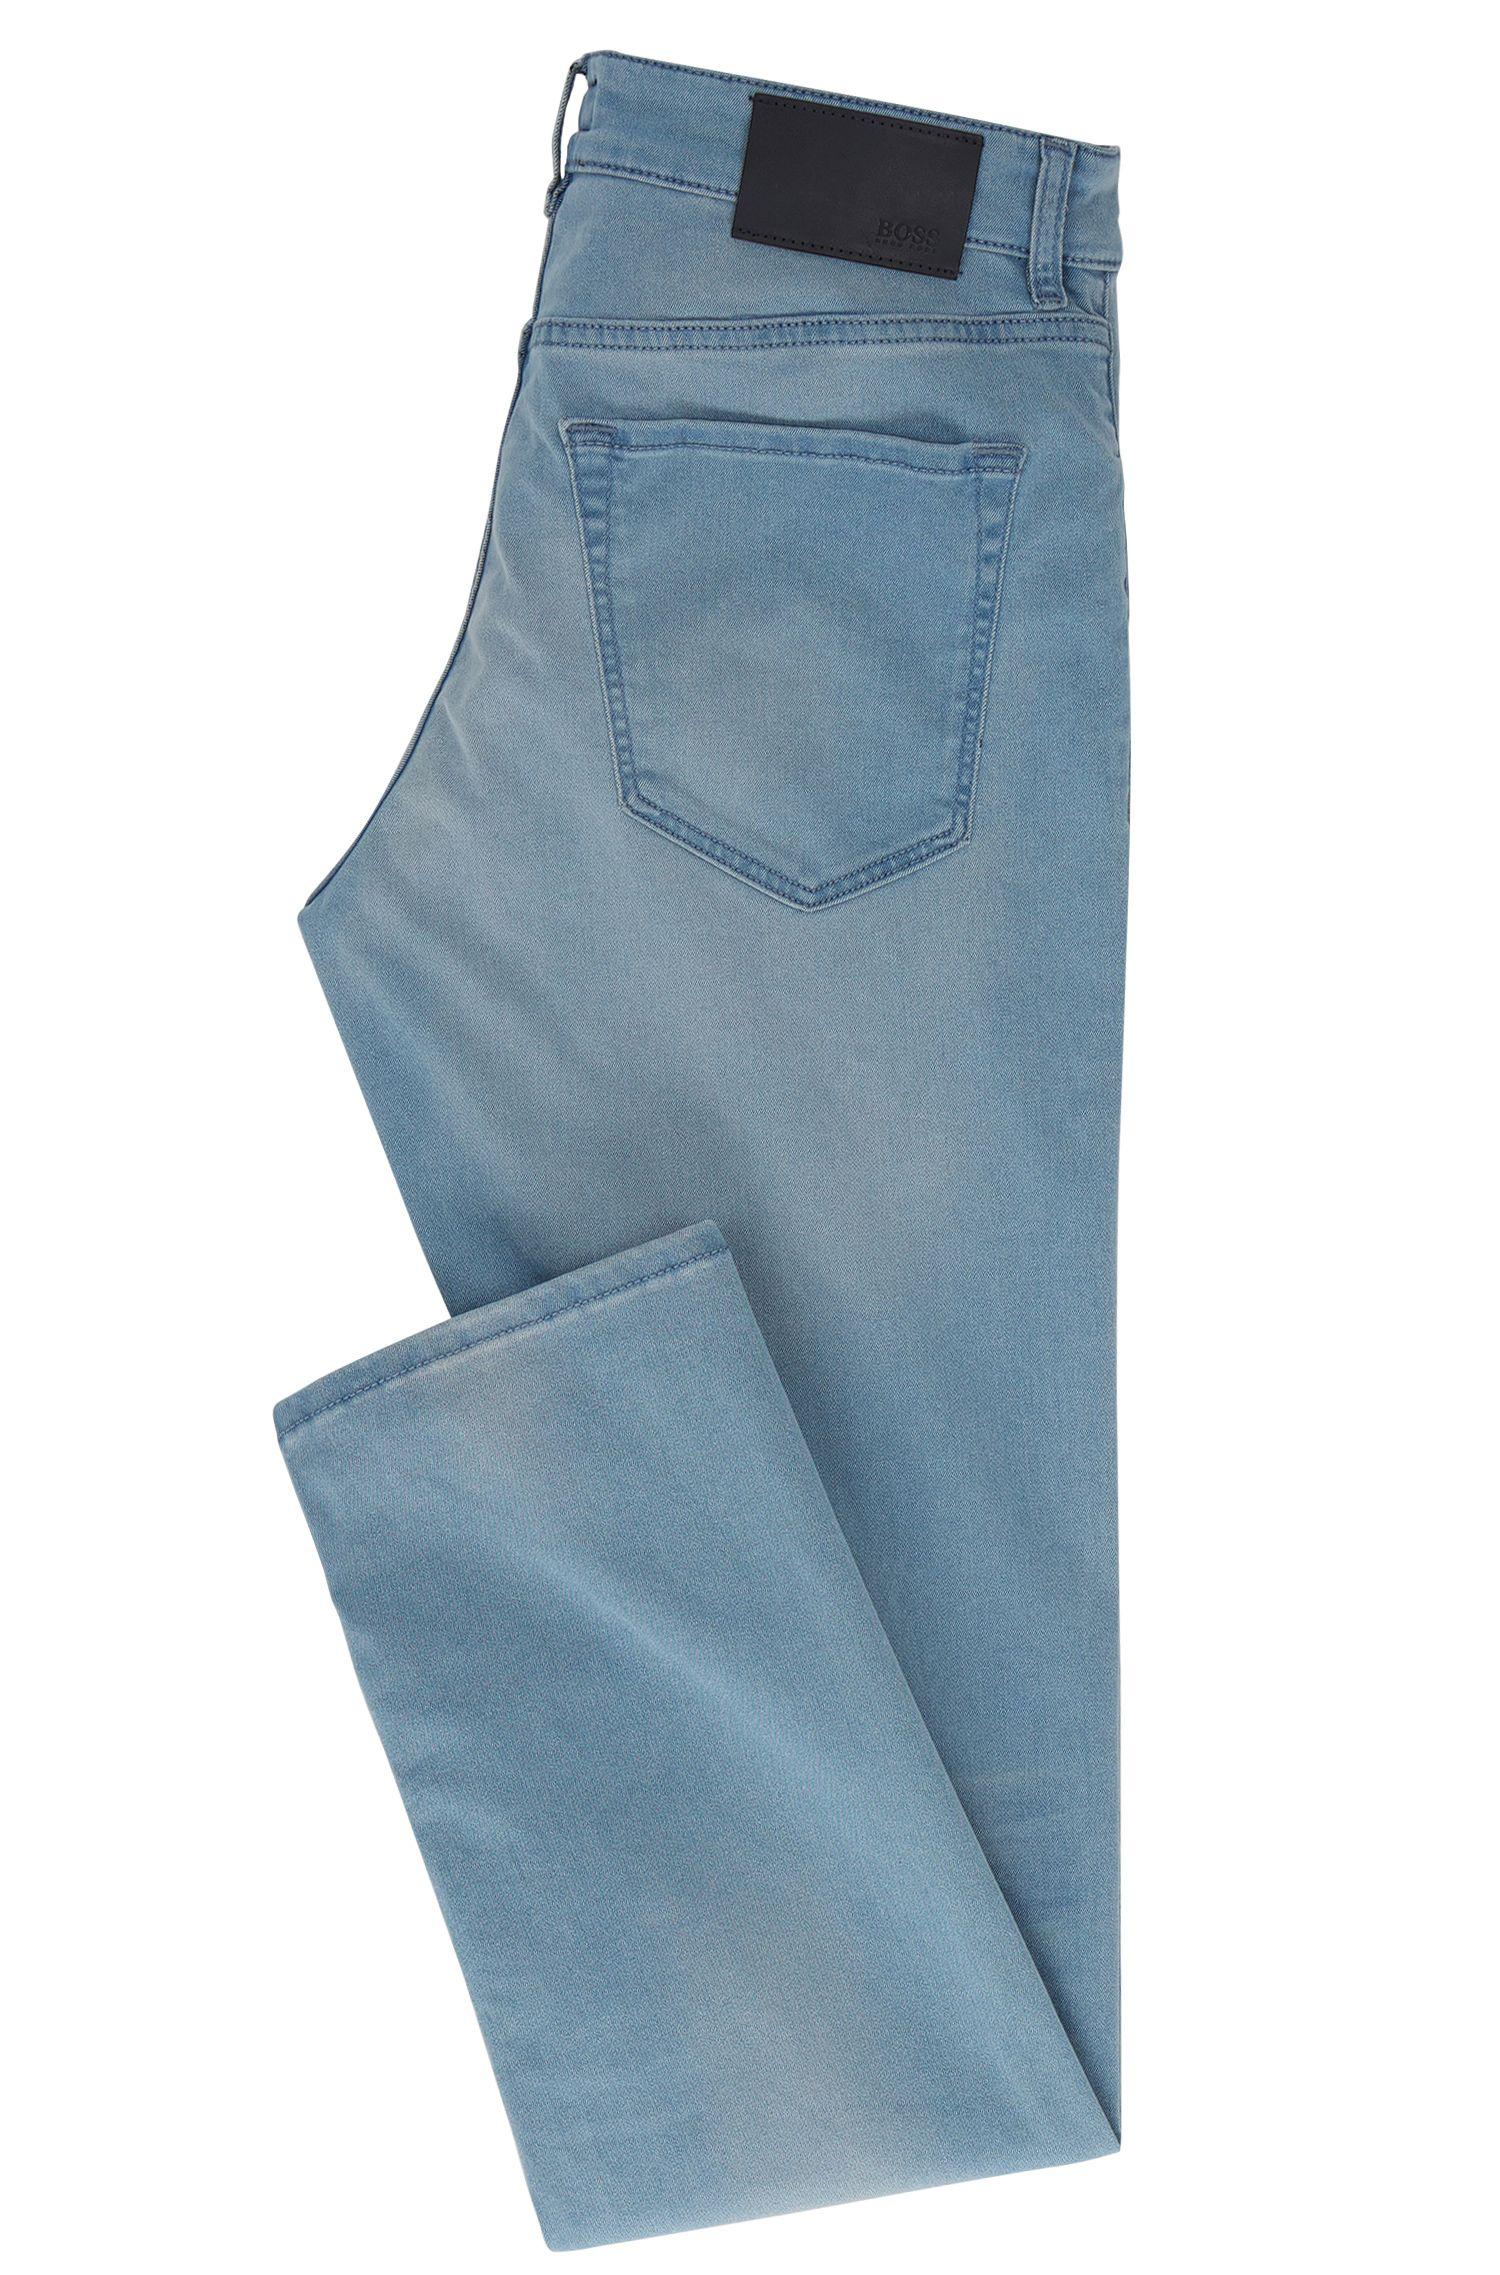 8 oz Cotton Blend Jeans, Regular Fit | Maine